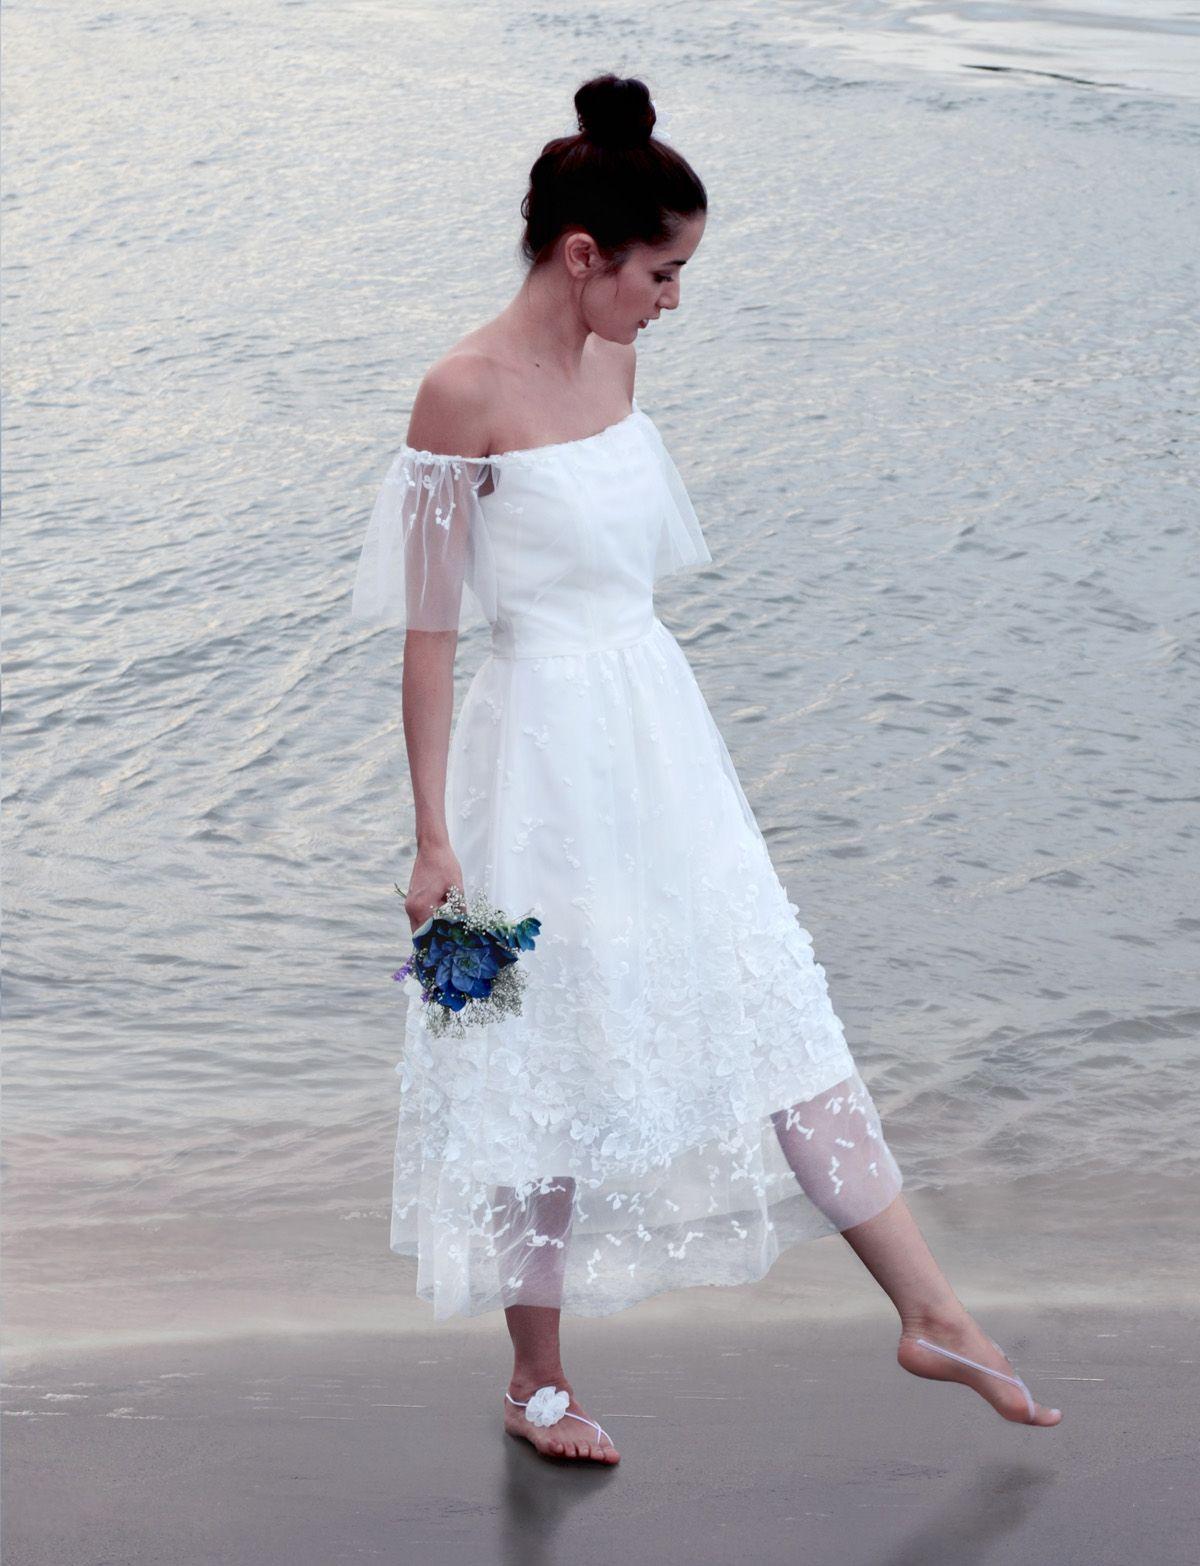 Wedding dress for body type  Linnea Dress  danna  Pinterest  Wedding dress and Weddings